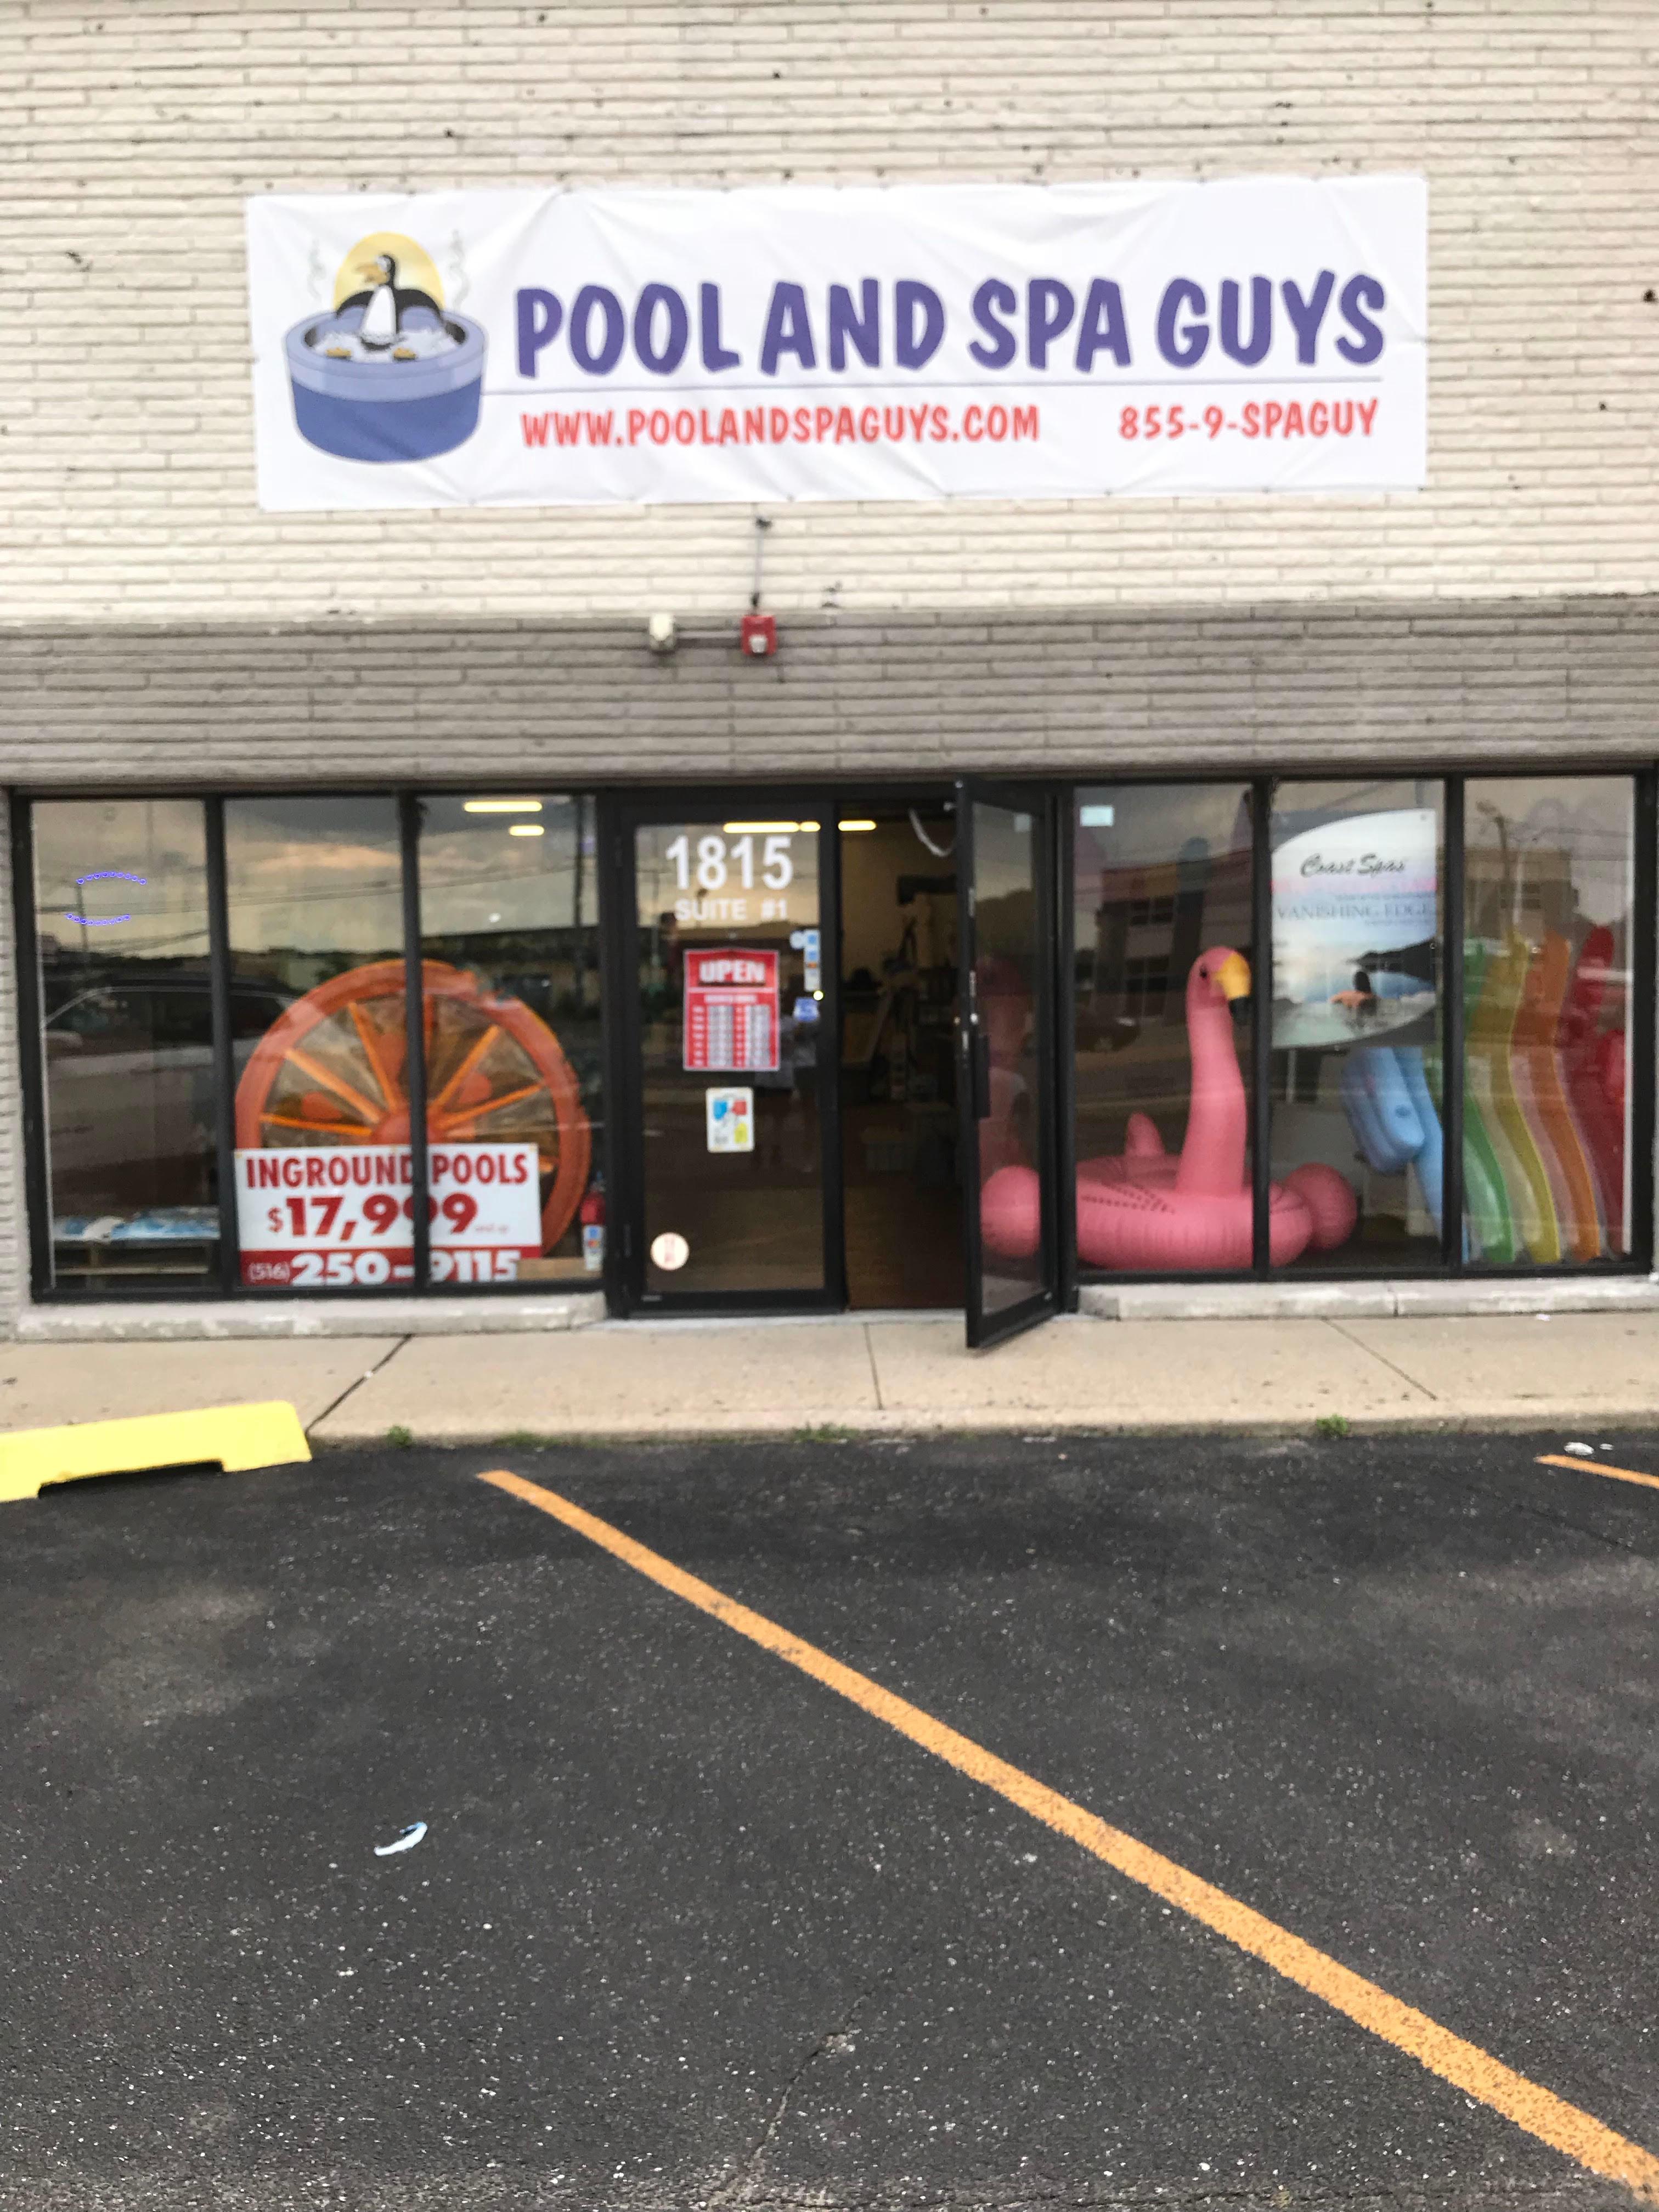 Pool and Spa Guys image 11